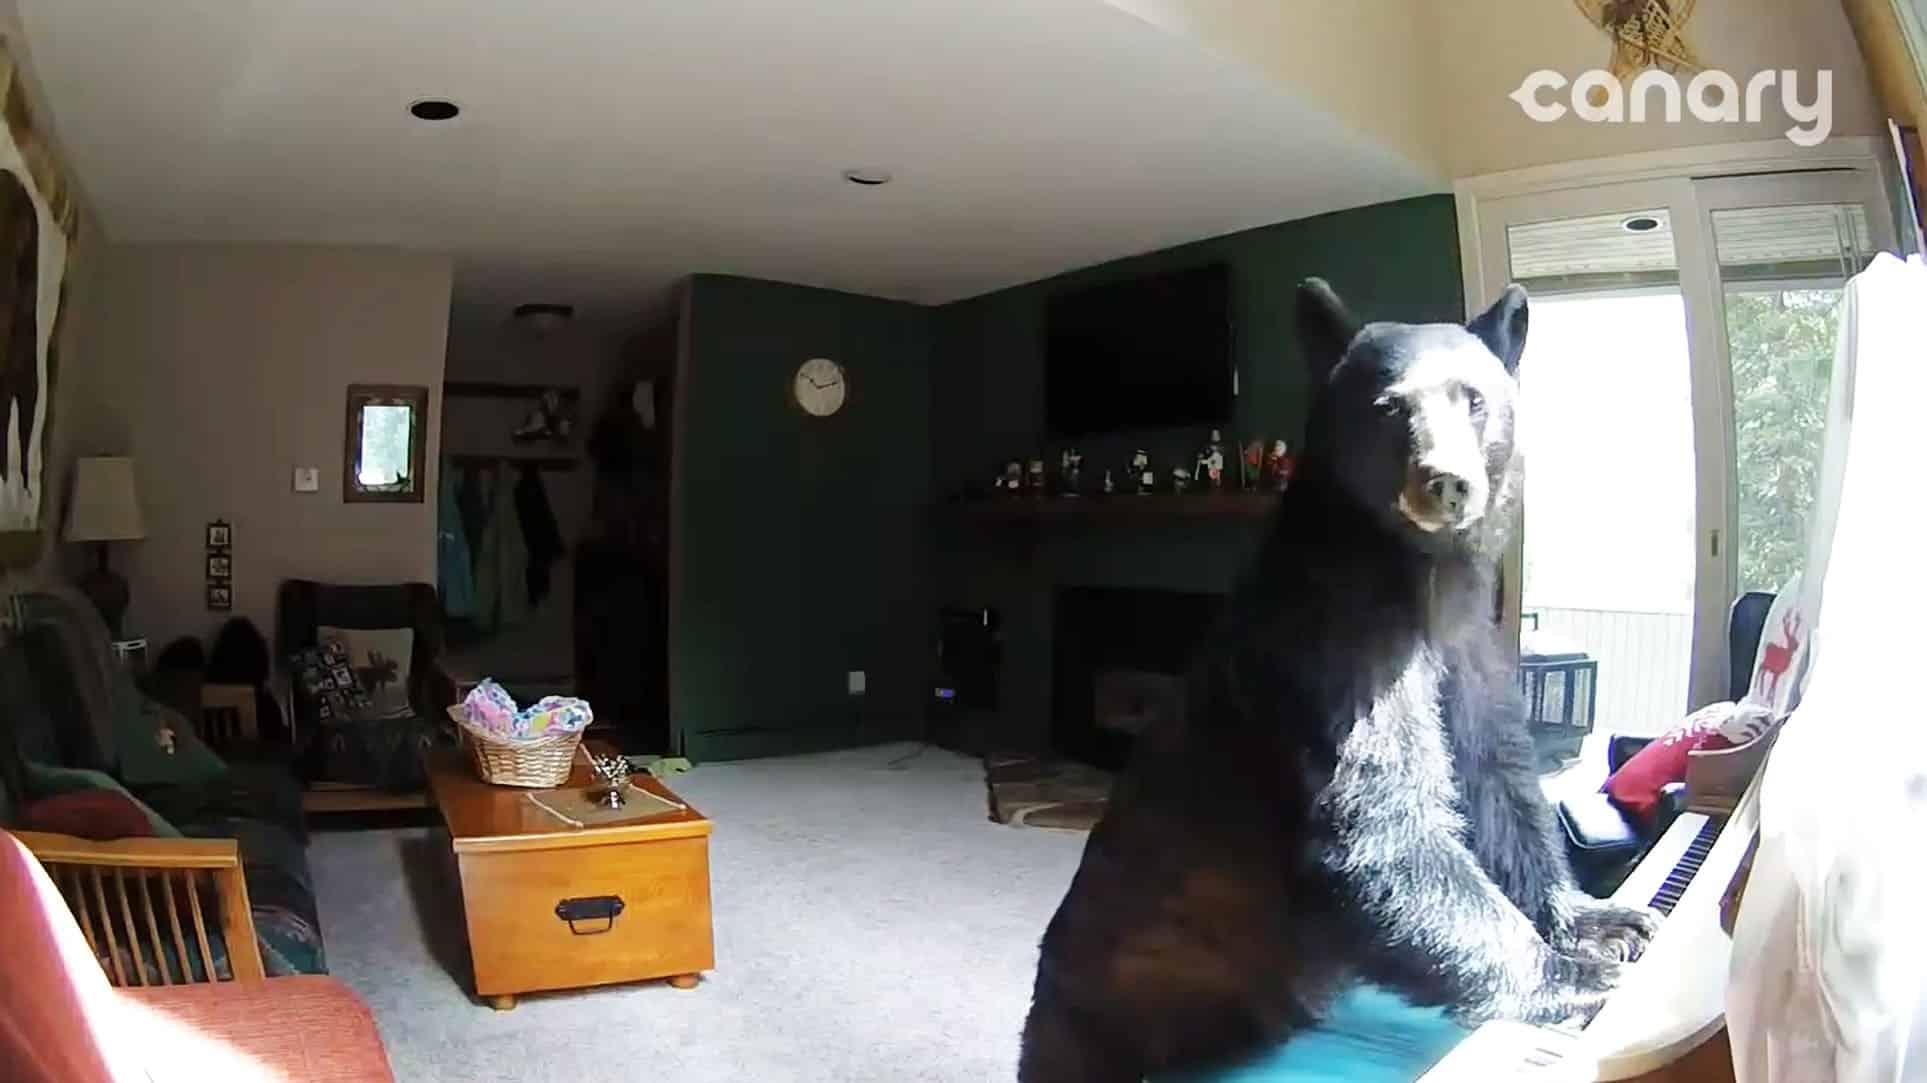 #Video Un oso entra en una casa, toca el piano, roba comida y se va 10